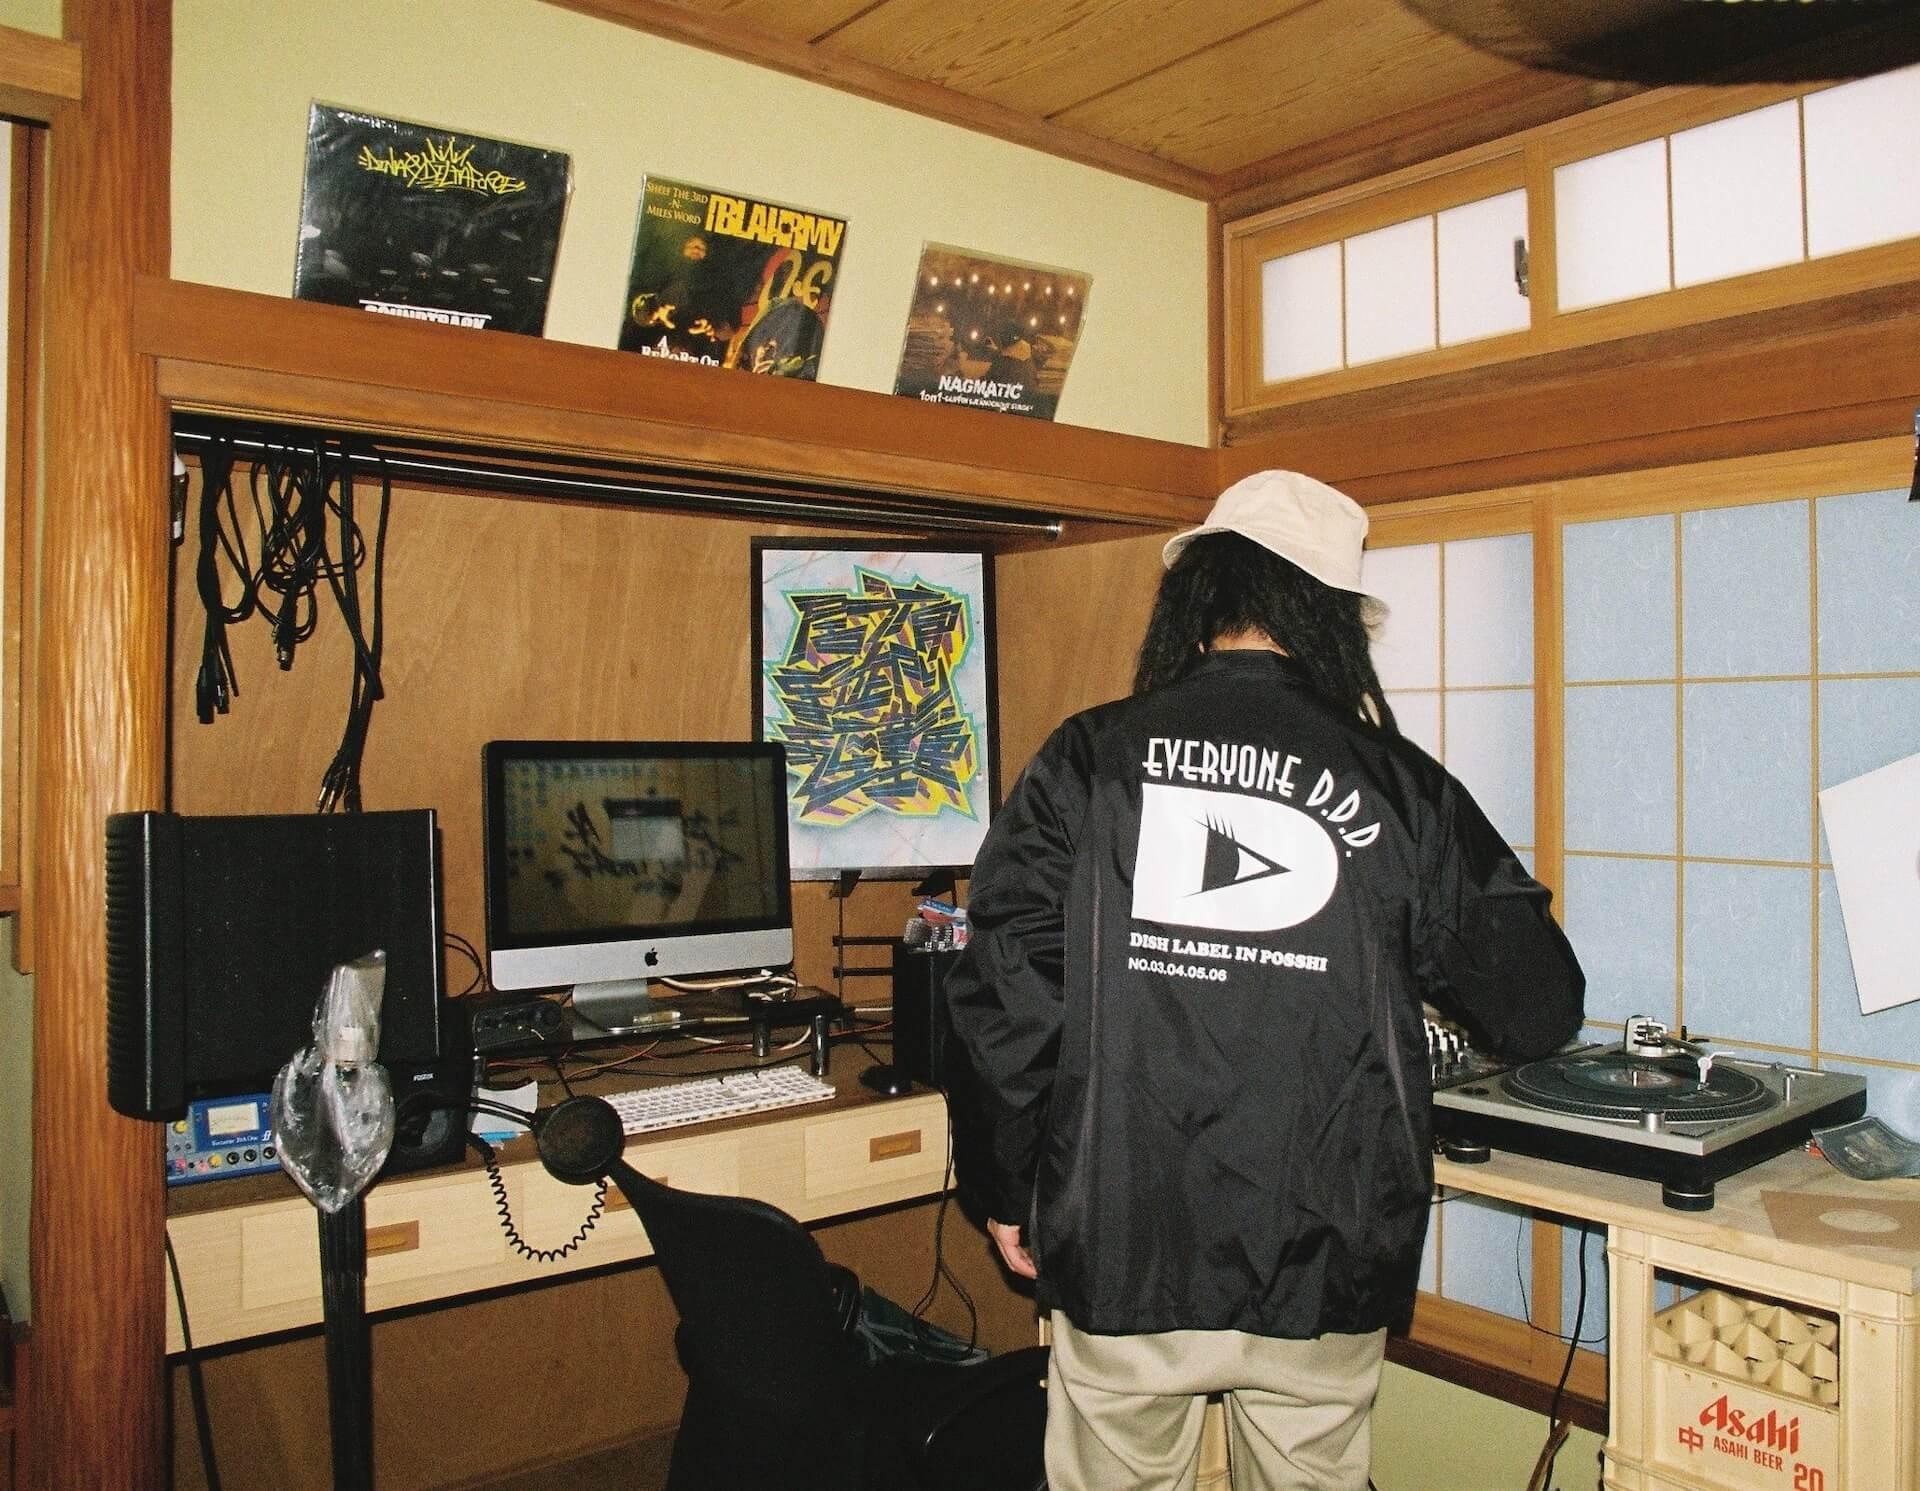 共にいる人たちへの郷愁──股旅(DUSTY HUSKY × DJ SHOKI × にっちょめ)、インタビュー interview2106-matatabi-dliprecords-6